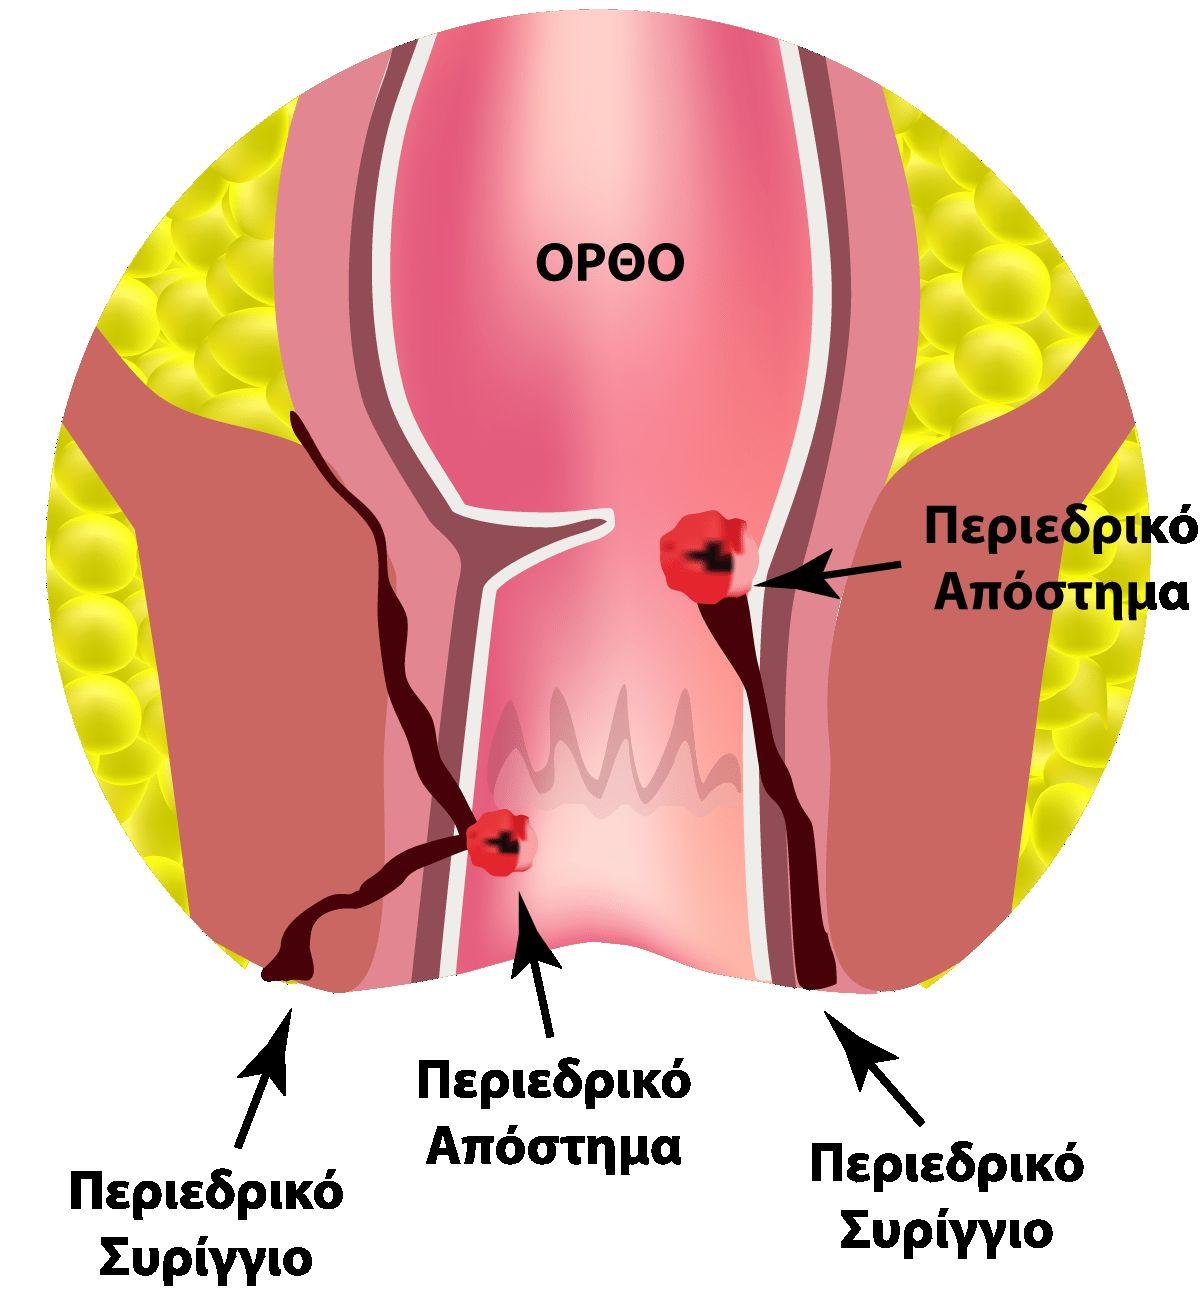 Παθήσεις του πρωκτού και αποτελεσματική - ανώδυνη θεραπεία